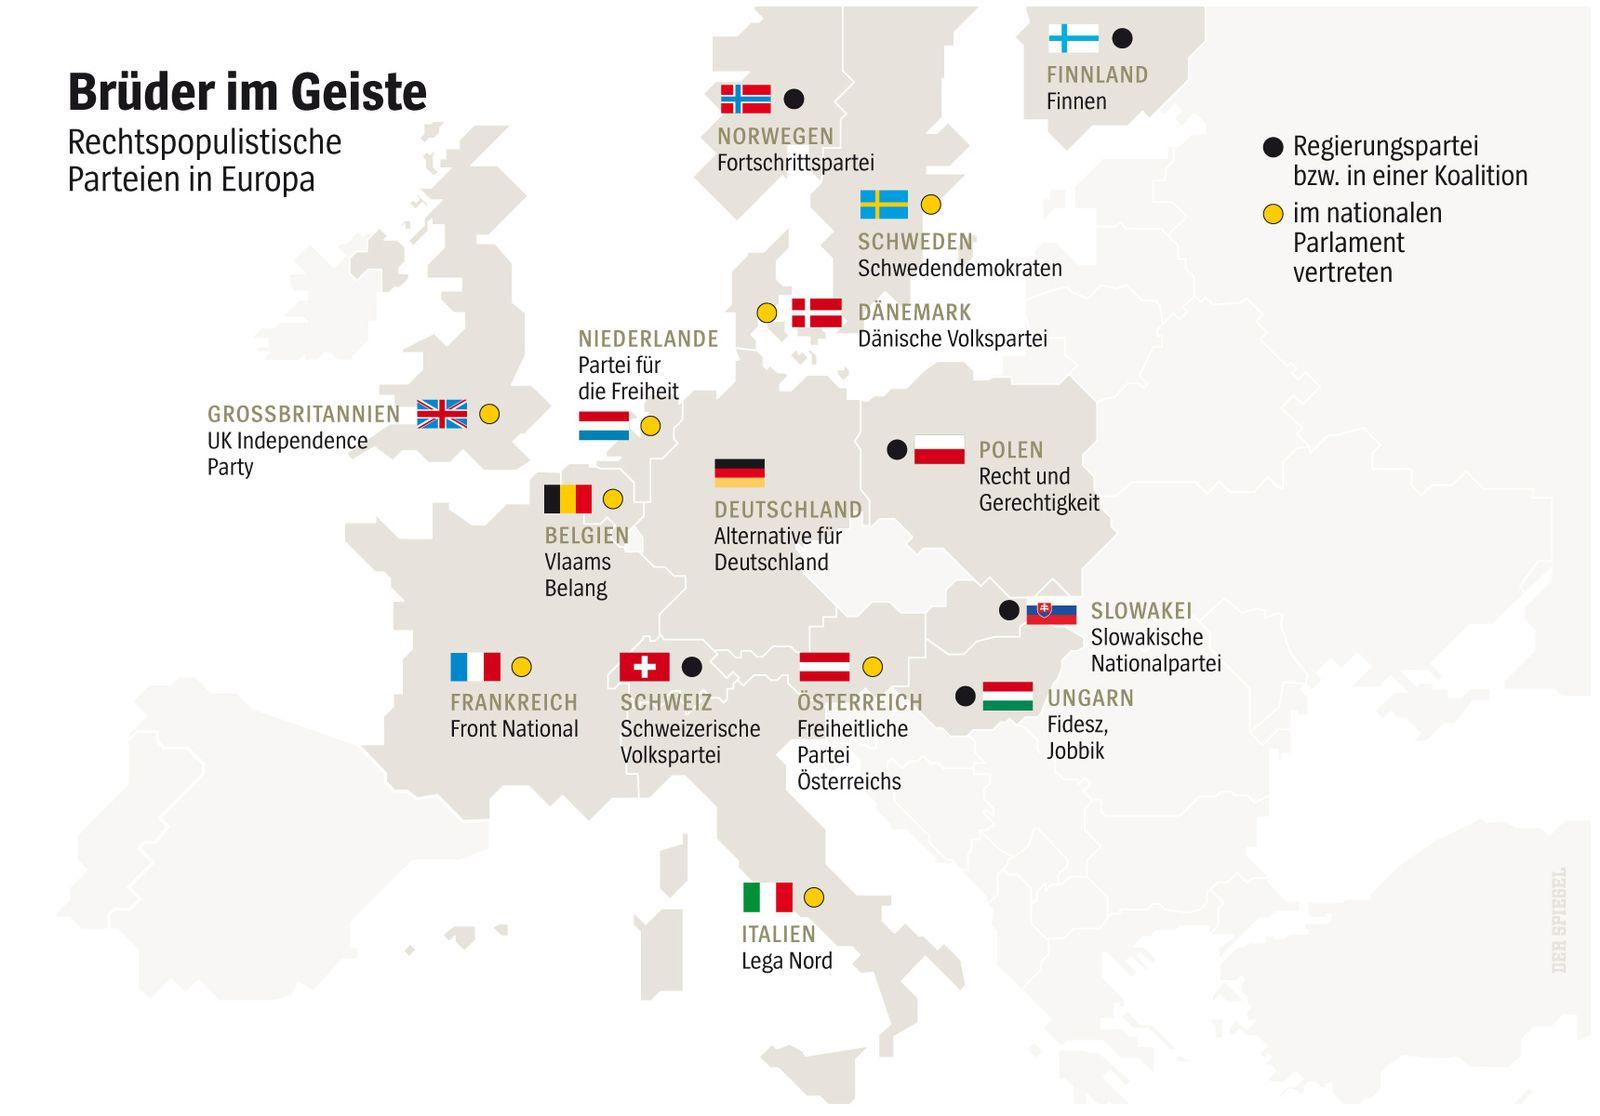 SPIEGEL Plus SPIEGEL 2016/43 S.40: SPIEGEL-Gespräch zum Aufstieg der Populisten